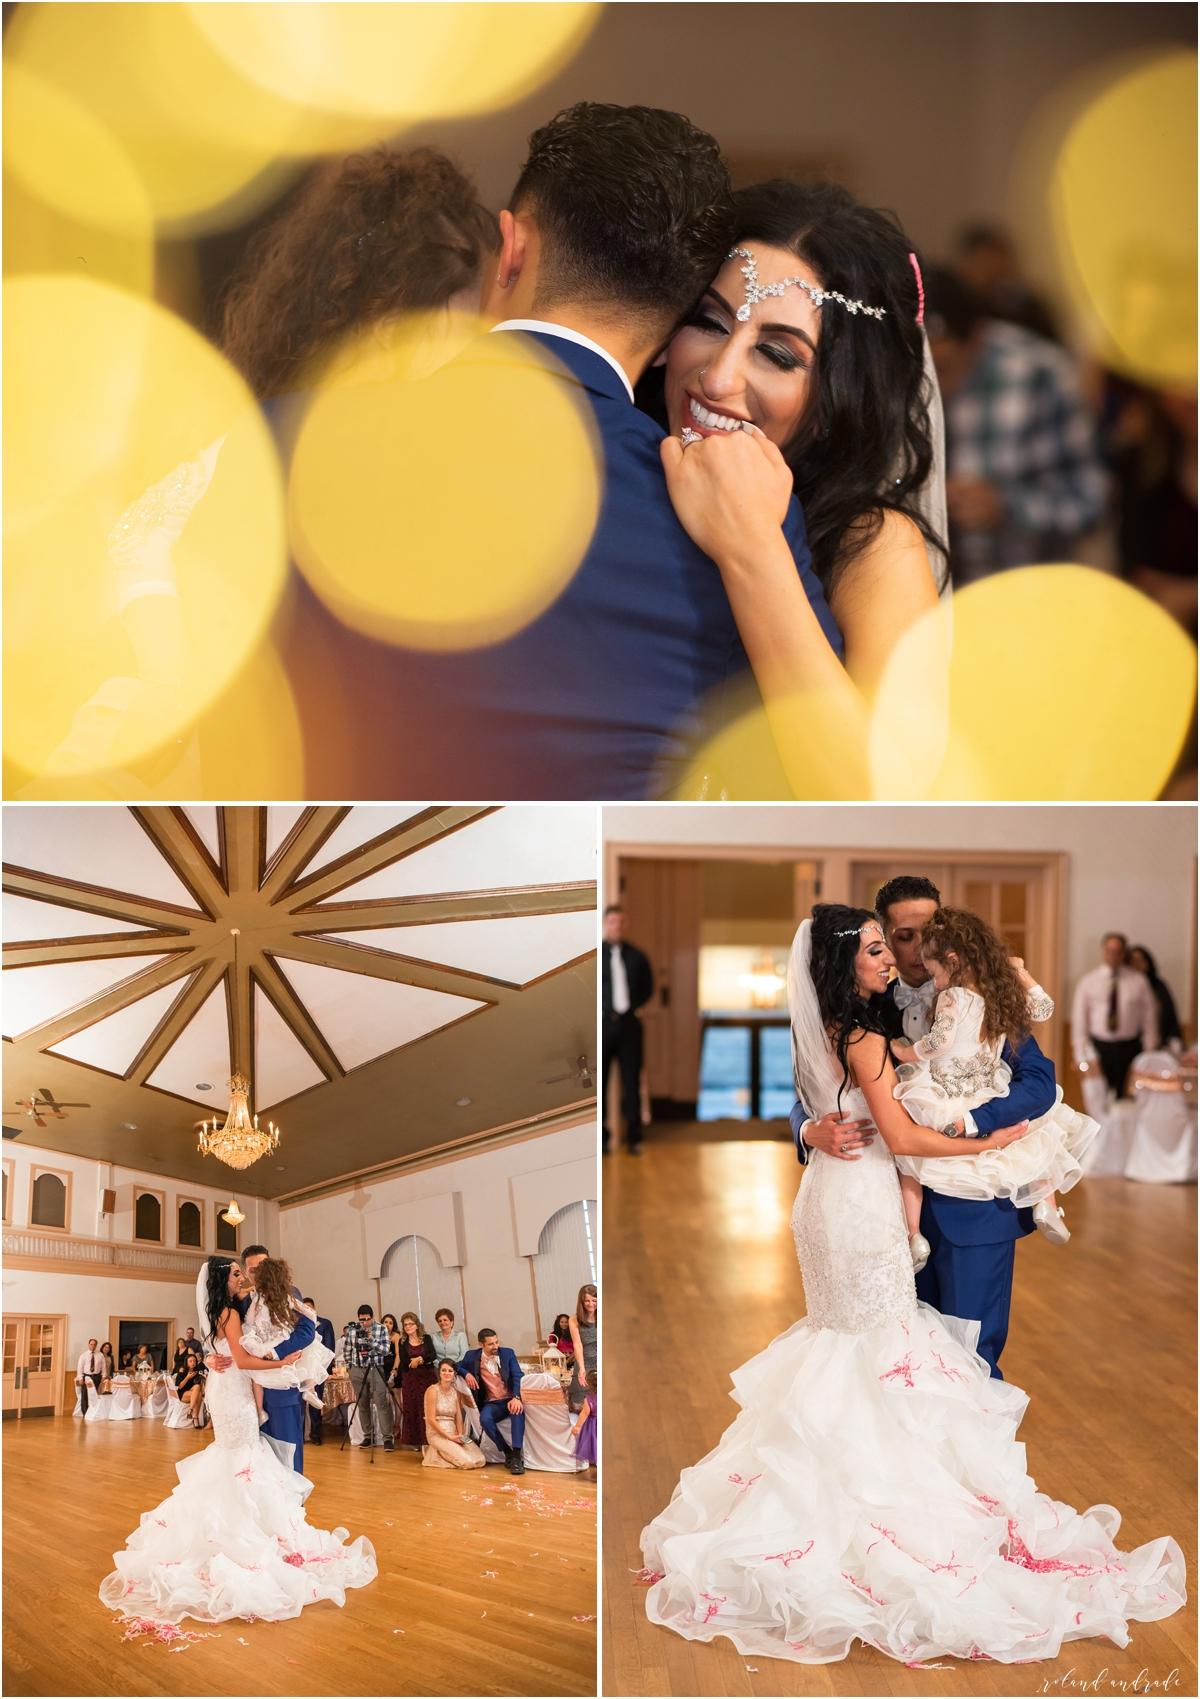 Italian American Society Wedding in Kenosha Wisconsin, Kenosha Wisconsin Wedding Photographer, Chicago Wedding Photography Kenosha Mexican Italian Wedding_0065.jpg